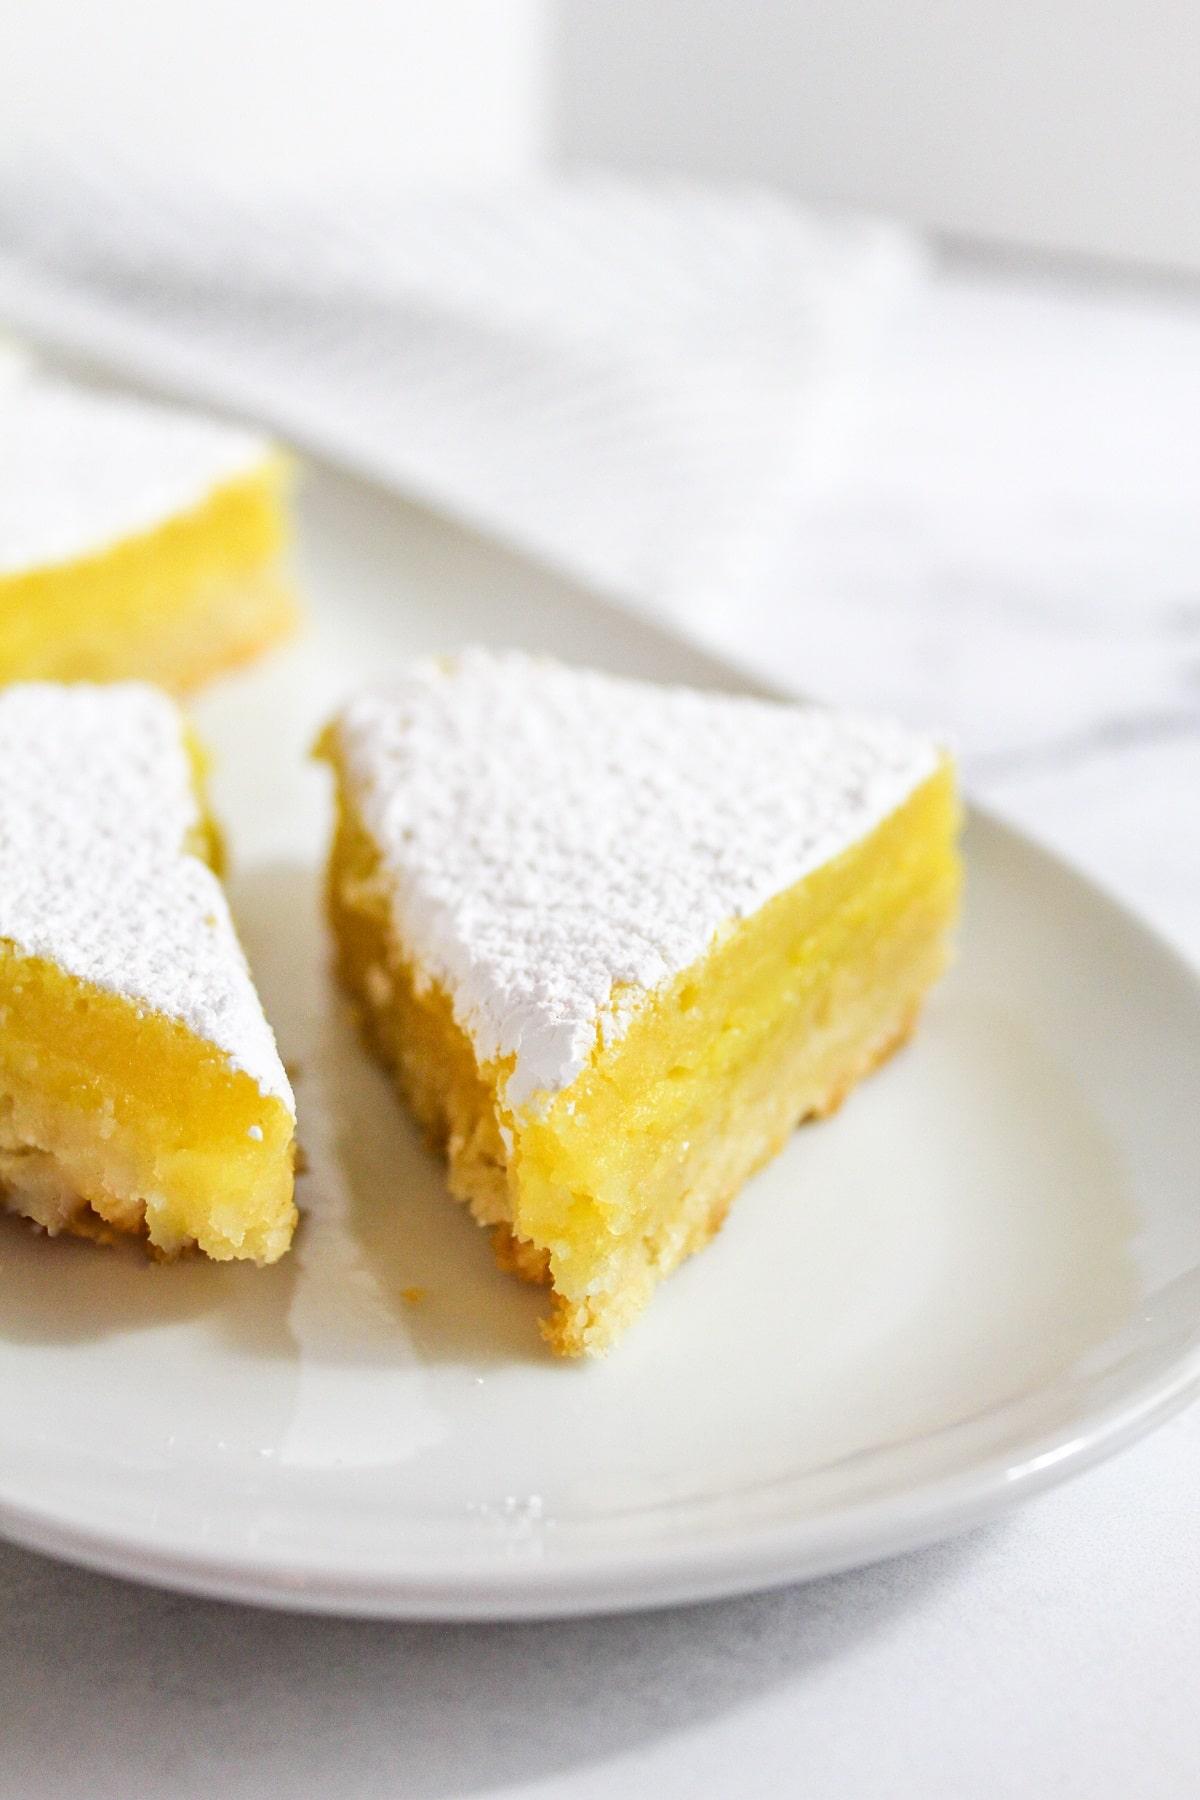 meyer lemon bars on a plate